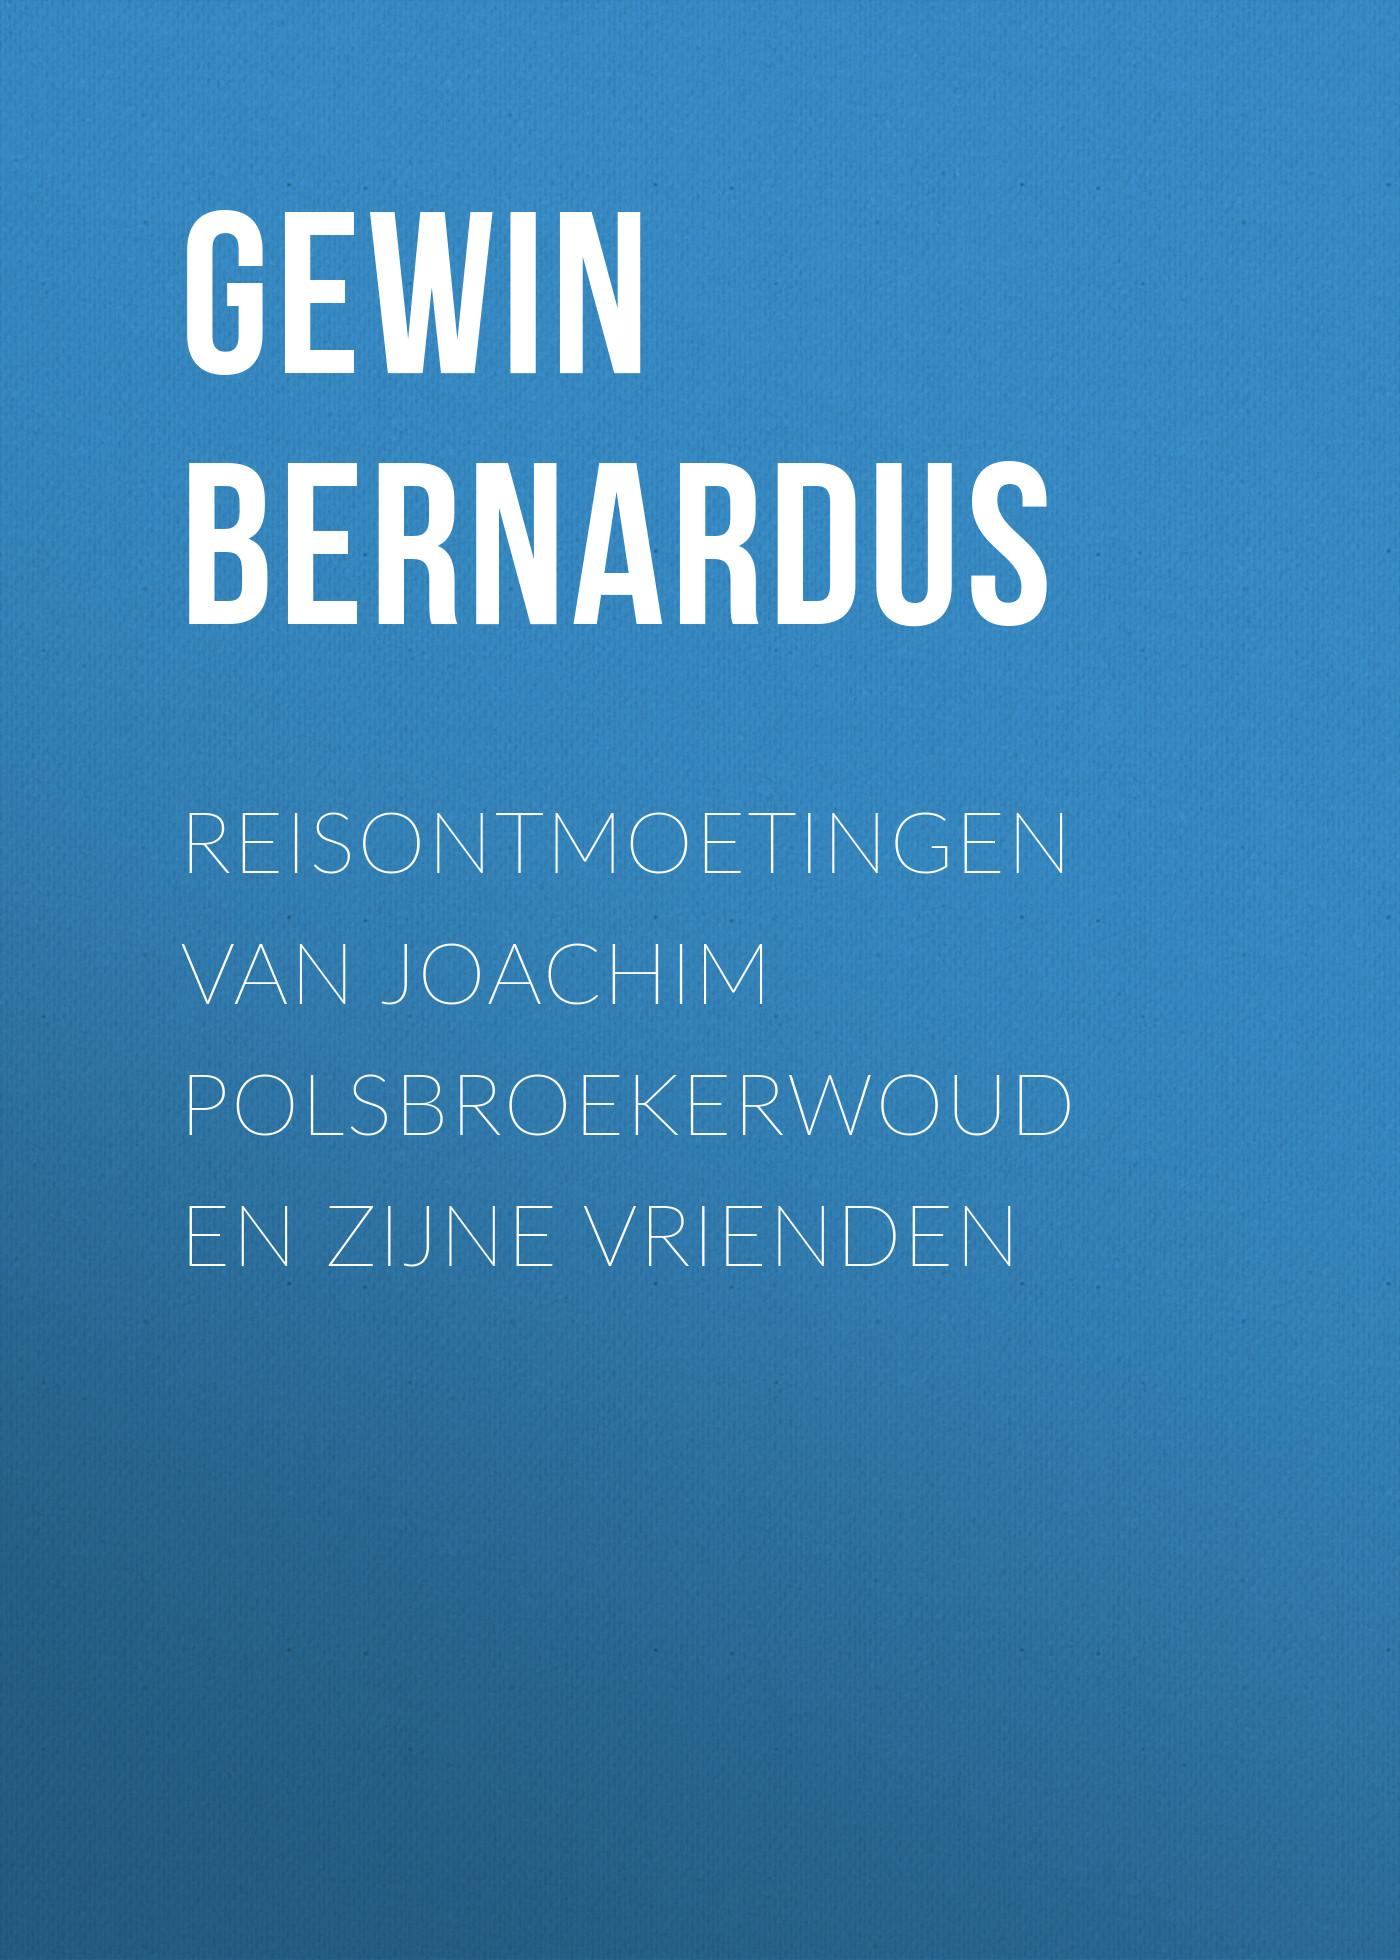 Gewin Bernardus Reisontmoetingen van Joachim Polsbroekerwoud en zijne Vrienden allan francis het eiland vlieland en zijne bewoners